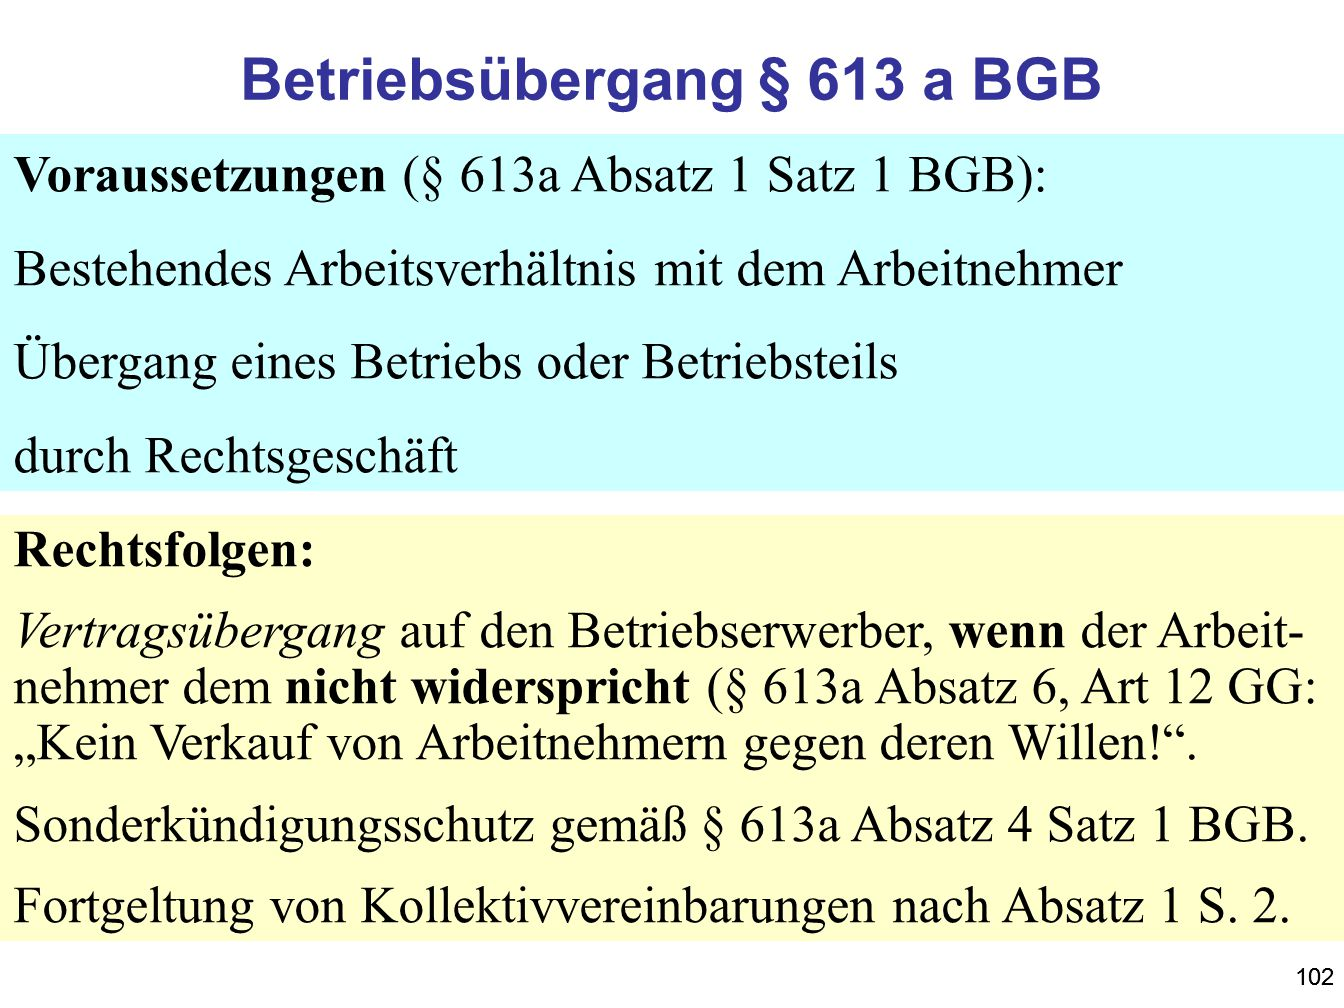 102 Betriebsübergang § 613 a BGB Voraussetzungen (§ 613a Absatz 1 Satz 1 BGB): Bestehendes Arbeitsverhältnis mit dem Arbeitnehmer Übergang eines Betri